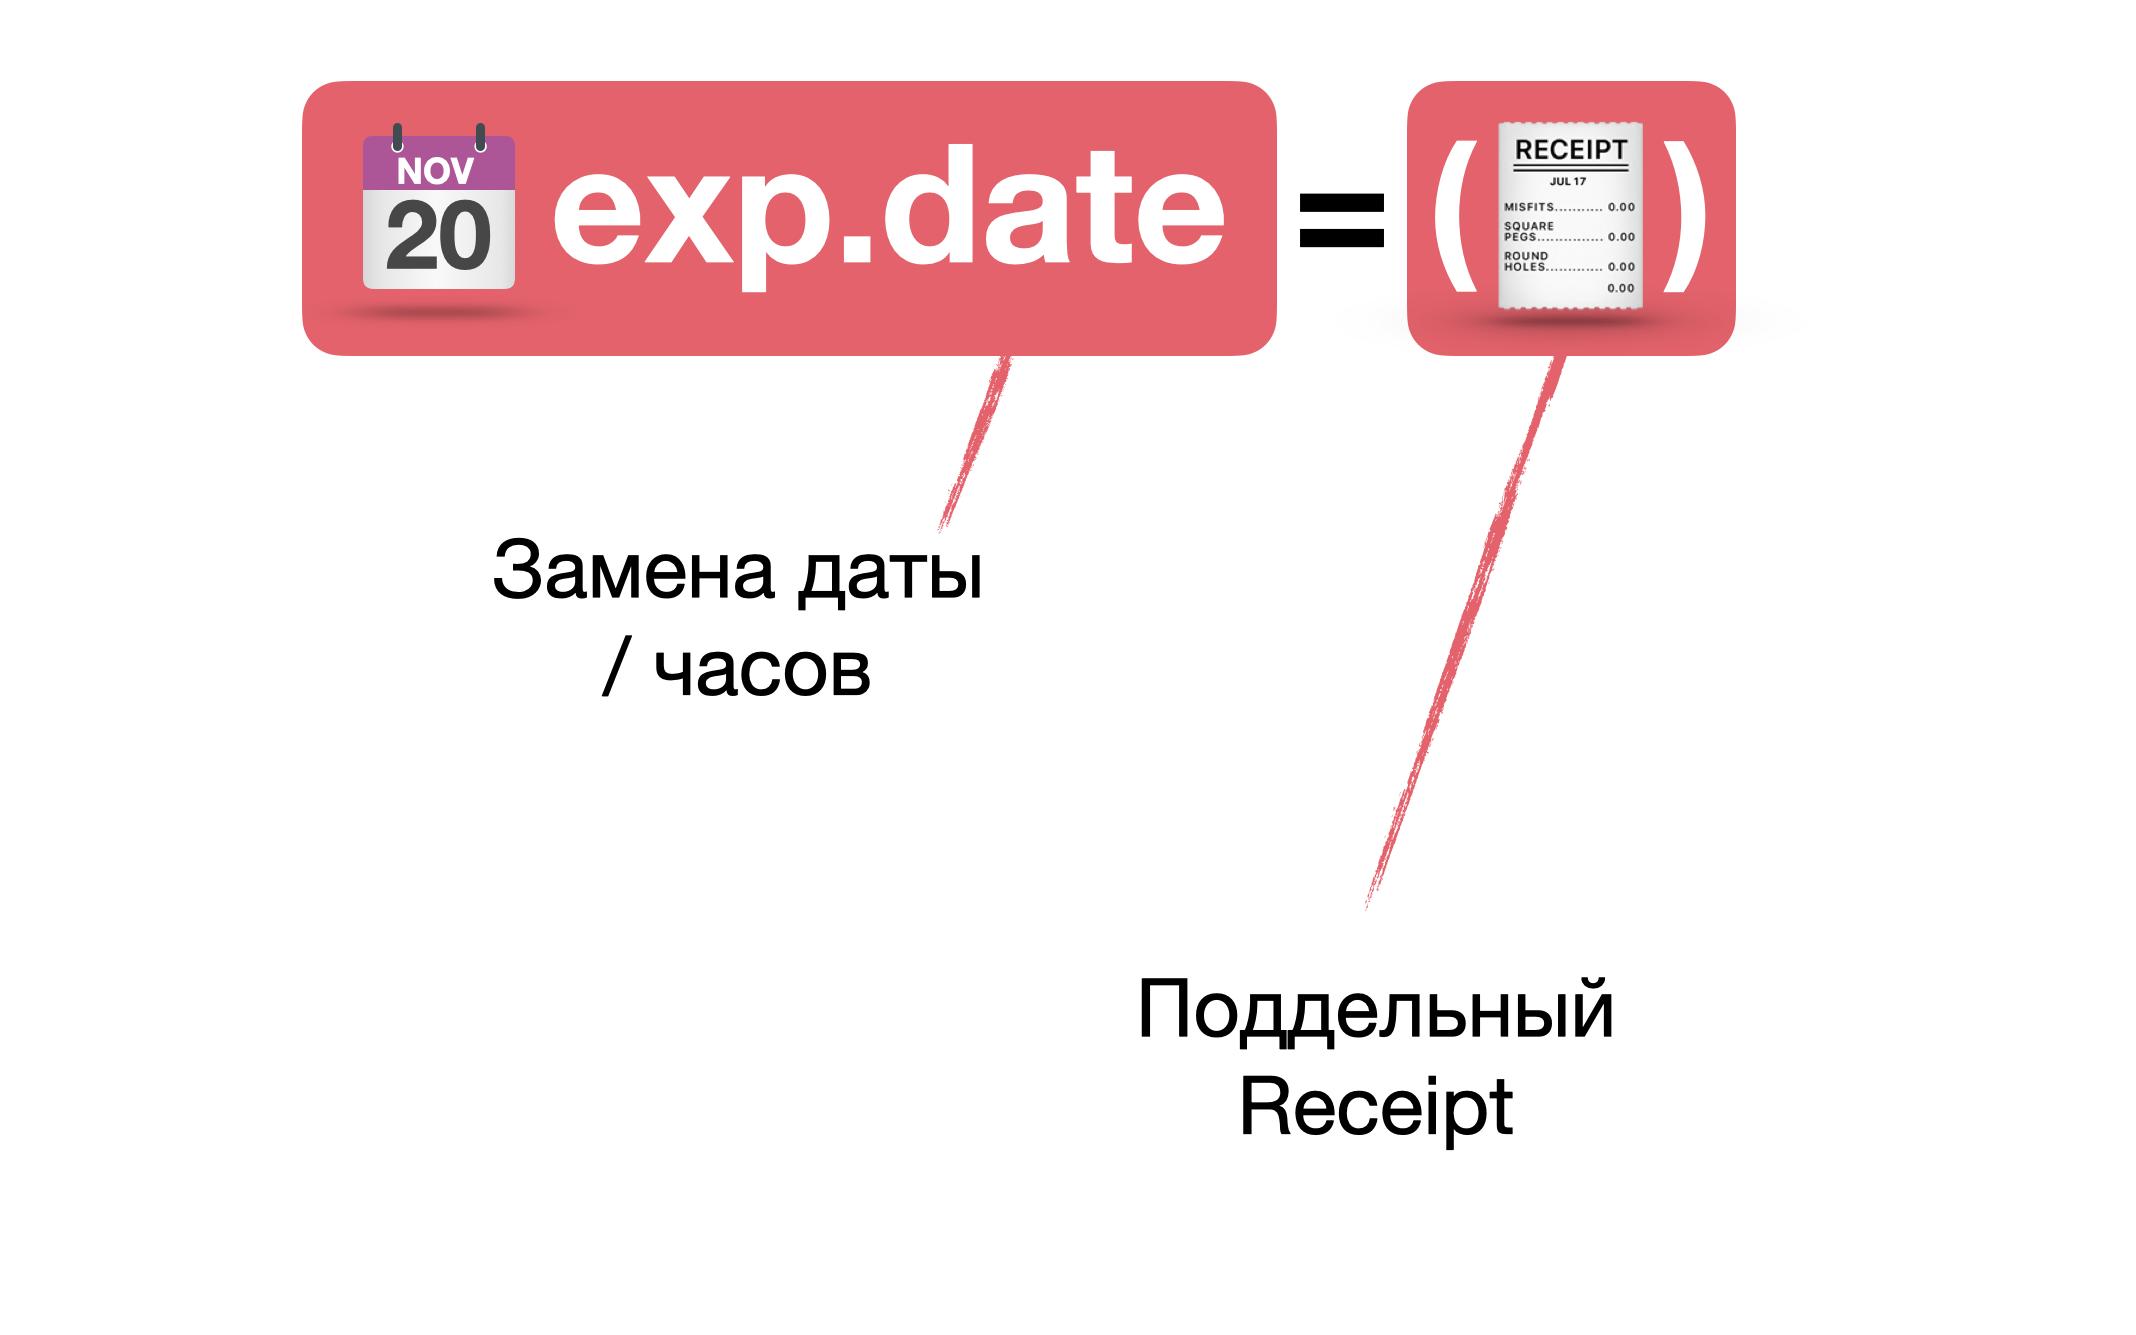 Пайплайн: что это такое, этапы pipeline, как использовать пайплайн продаж в crm | calltouch.блог